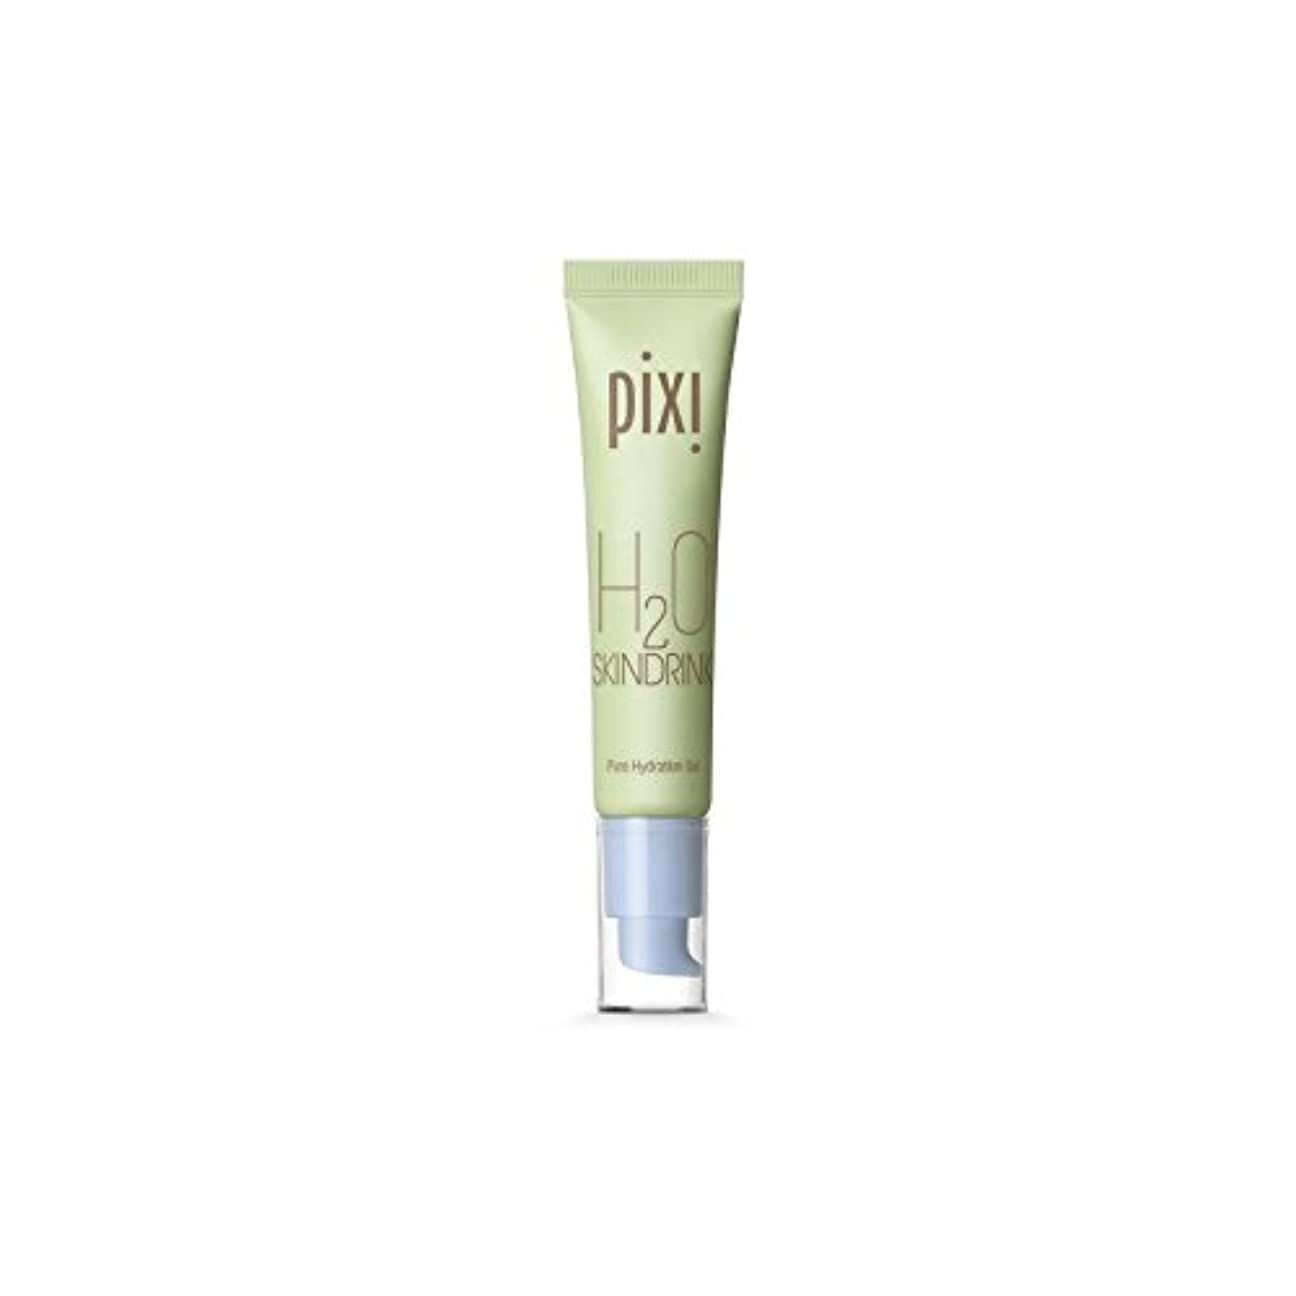 蓄積する子通訳Pixi H20 Skin Drink - 20スキンドリンク [並行輸入品]